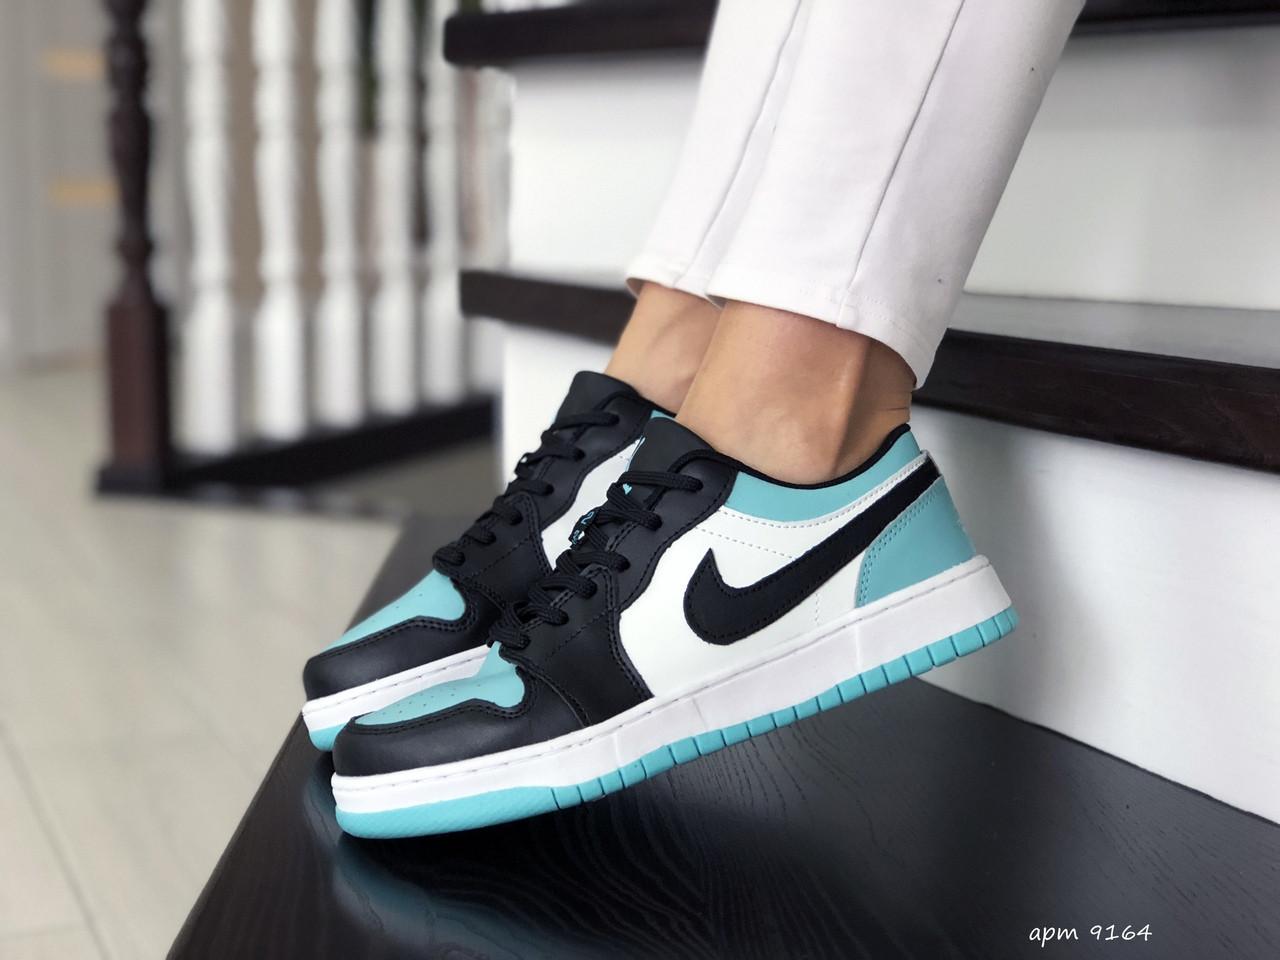 Жіночі шкіряні кросівки Nike Air Jordan 1 Low (біло-чорні з м'ятою) 9164